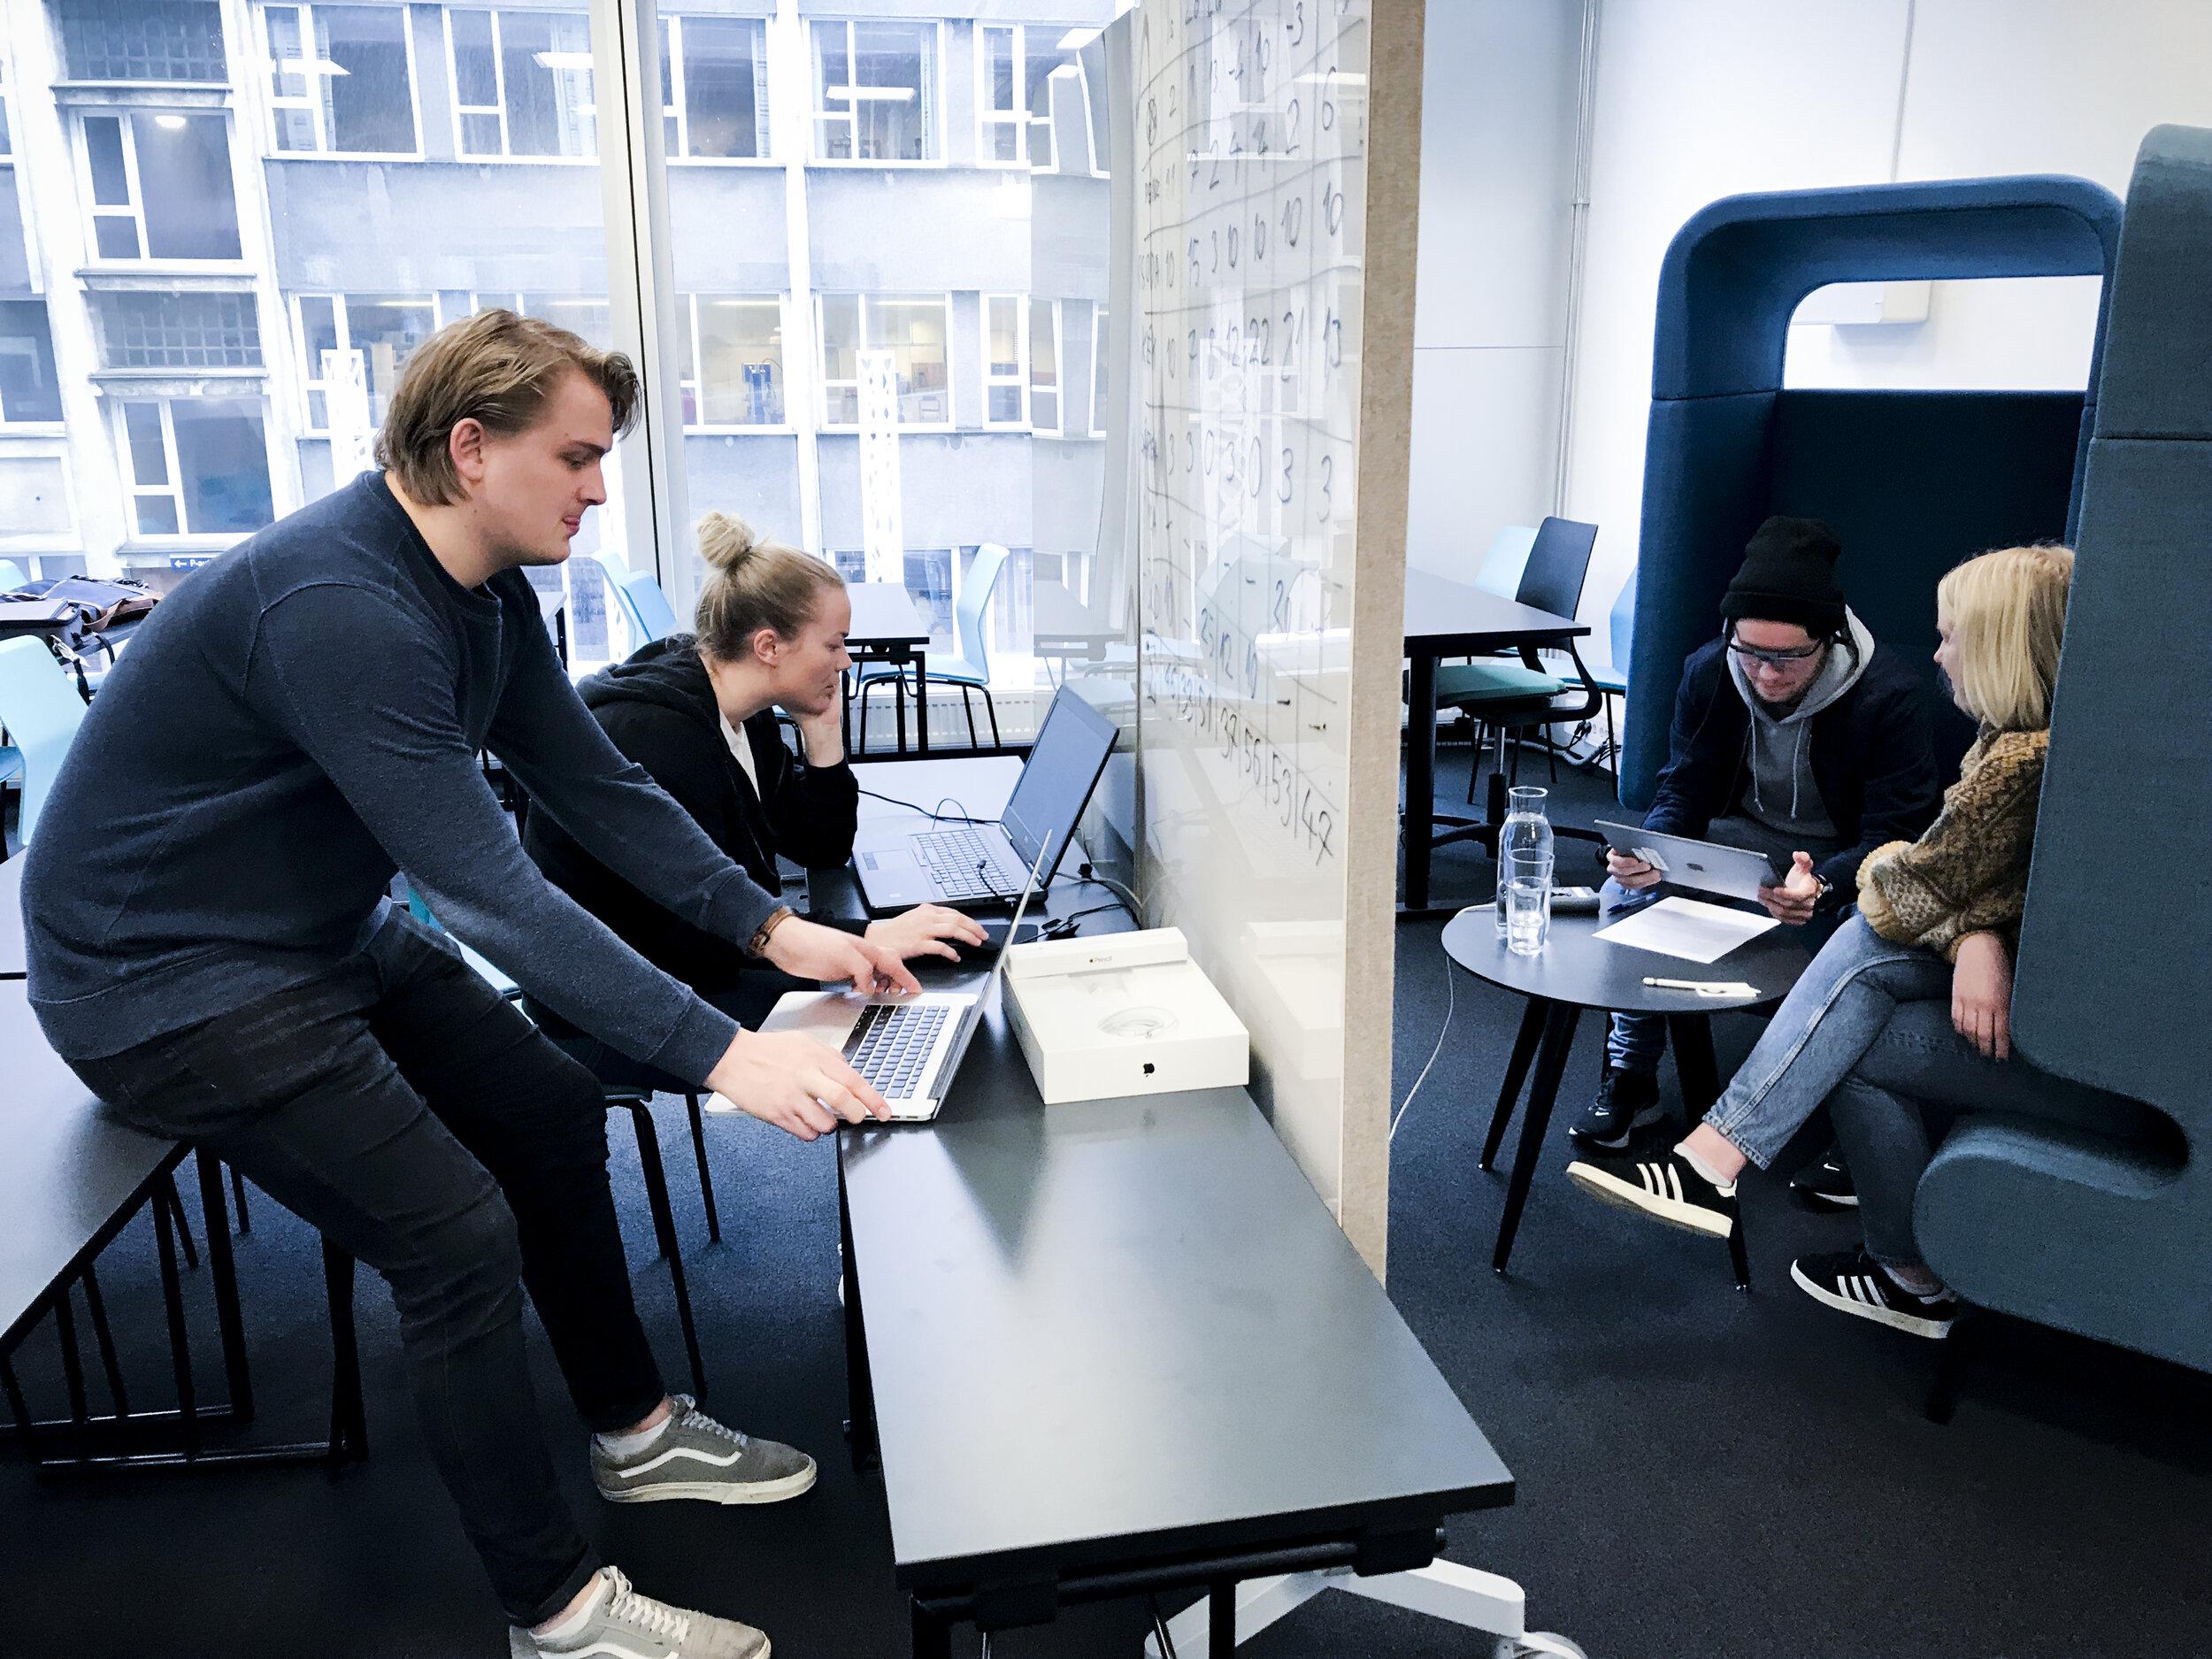 Vegard Opedal, Gina Møller Sandtorv, Fredrik Jensen (lecturer) and Liva Snilstveit Hoem are preparing for an eye-tracking evaluation. Photo: Lars Nyre